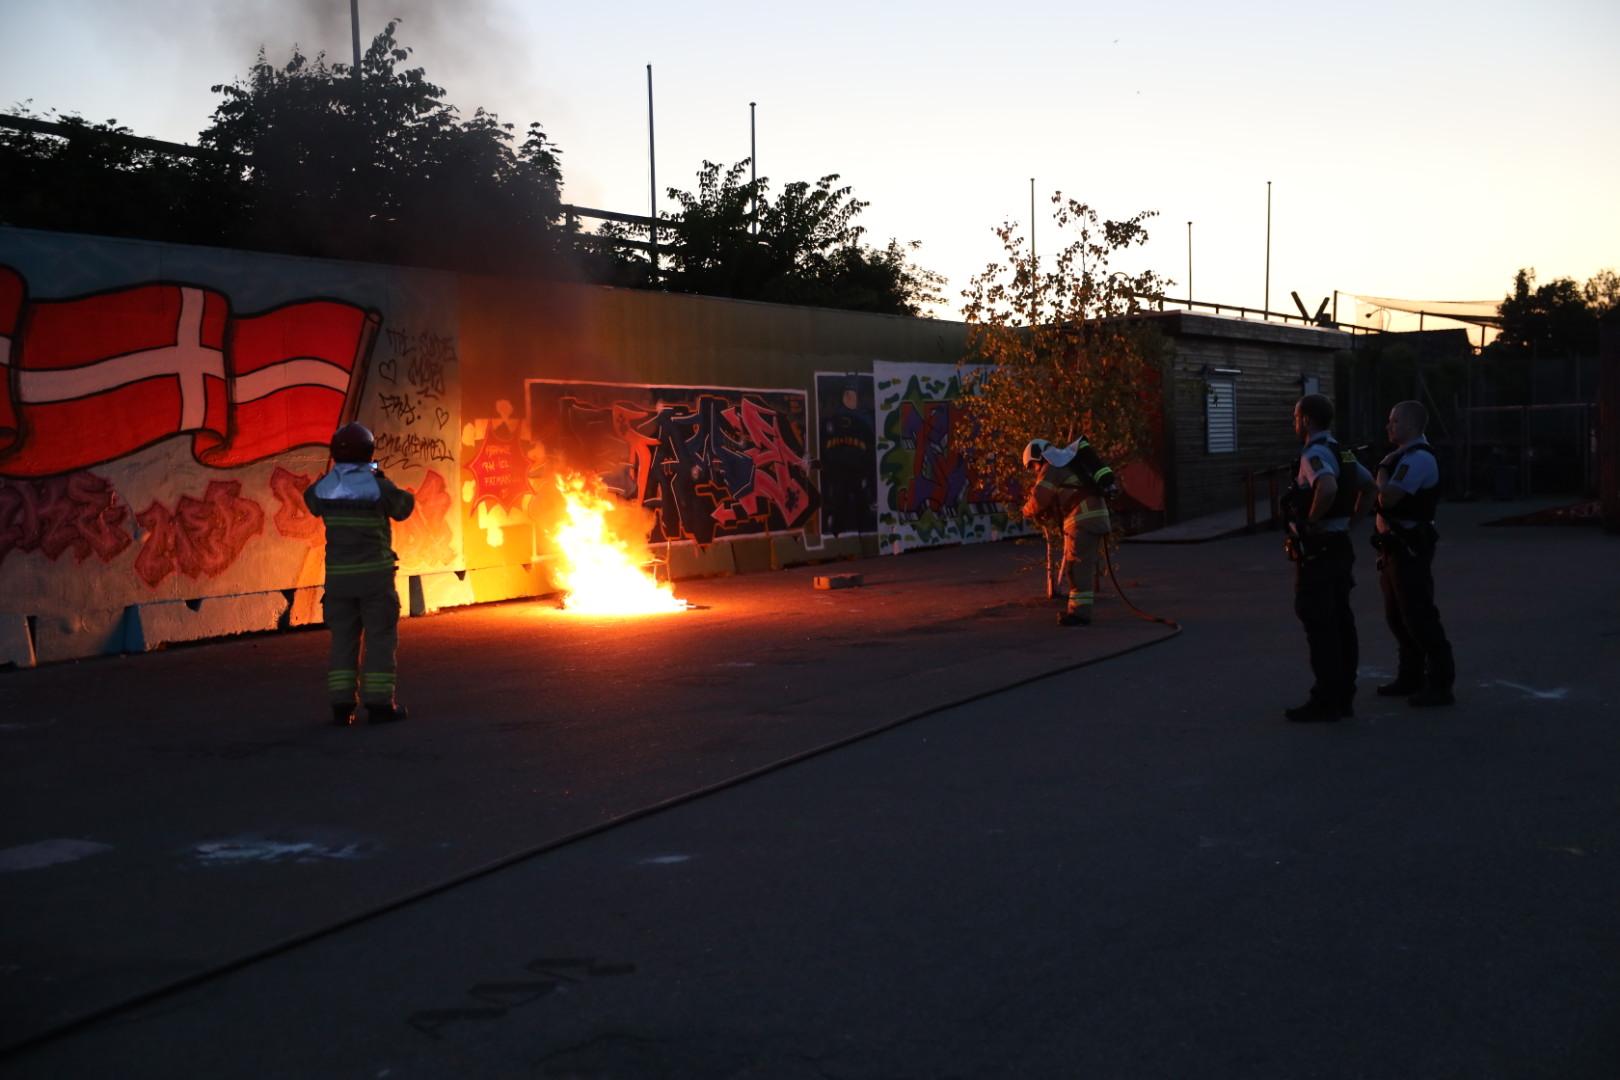 Ild i container i Vanløse